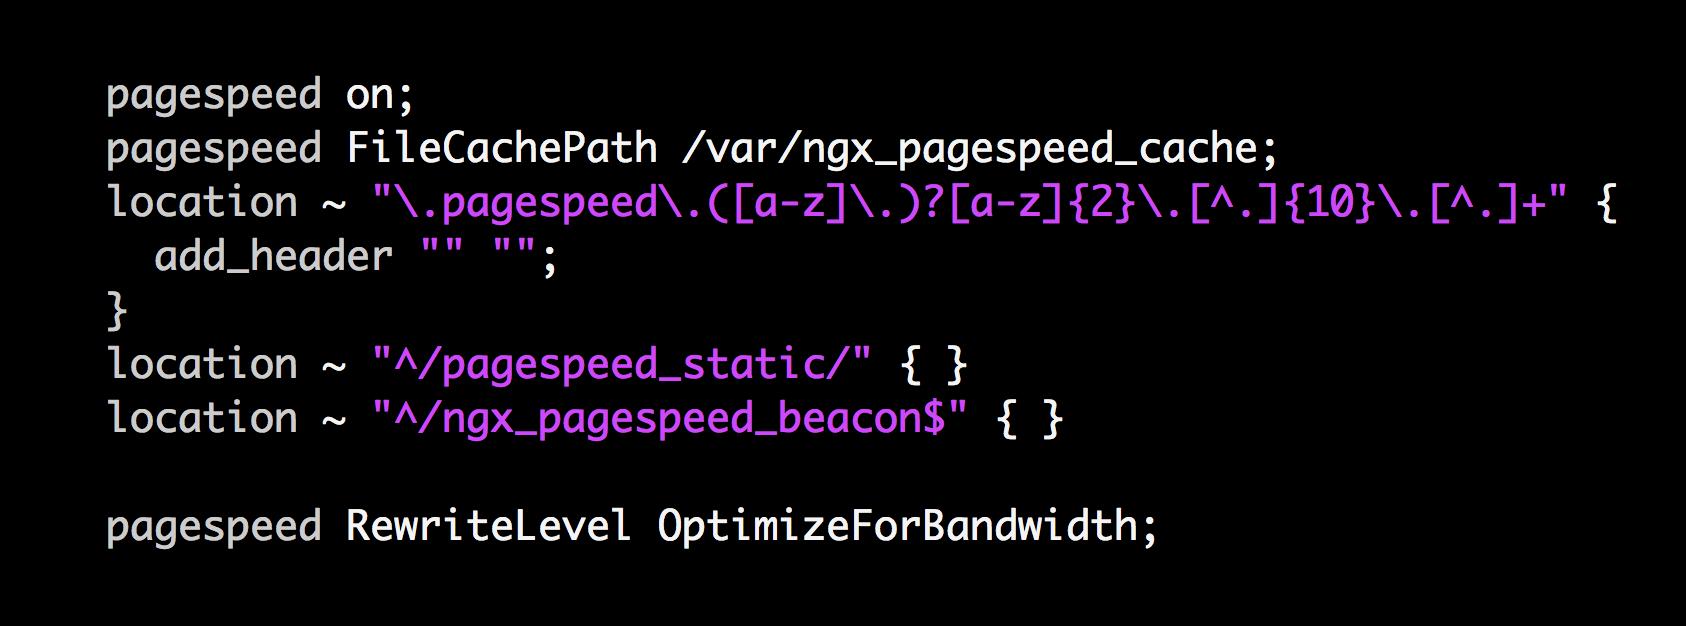 Оптимизация трафика для веб-серверов Apache и Nginx